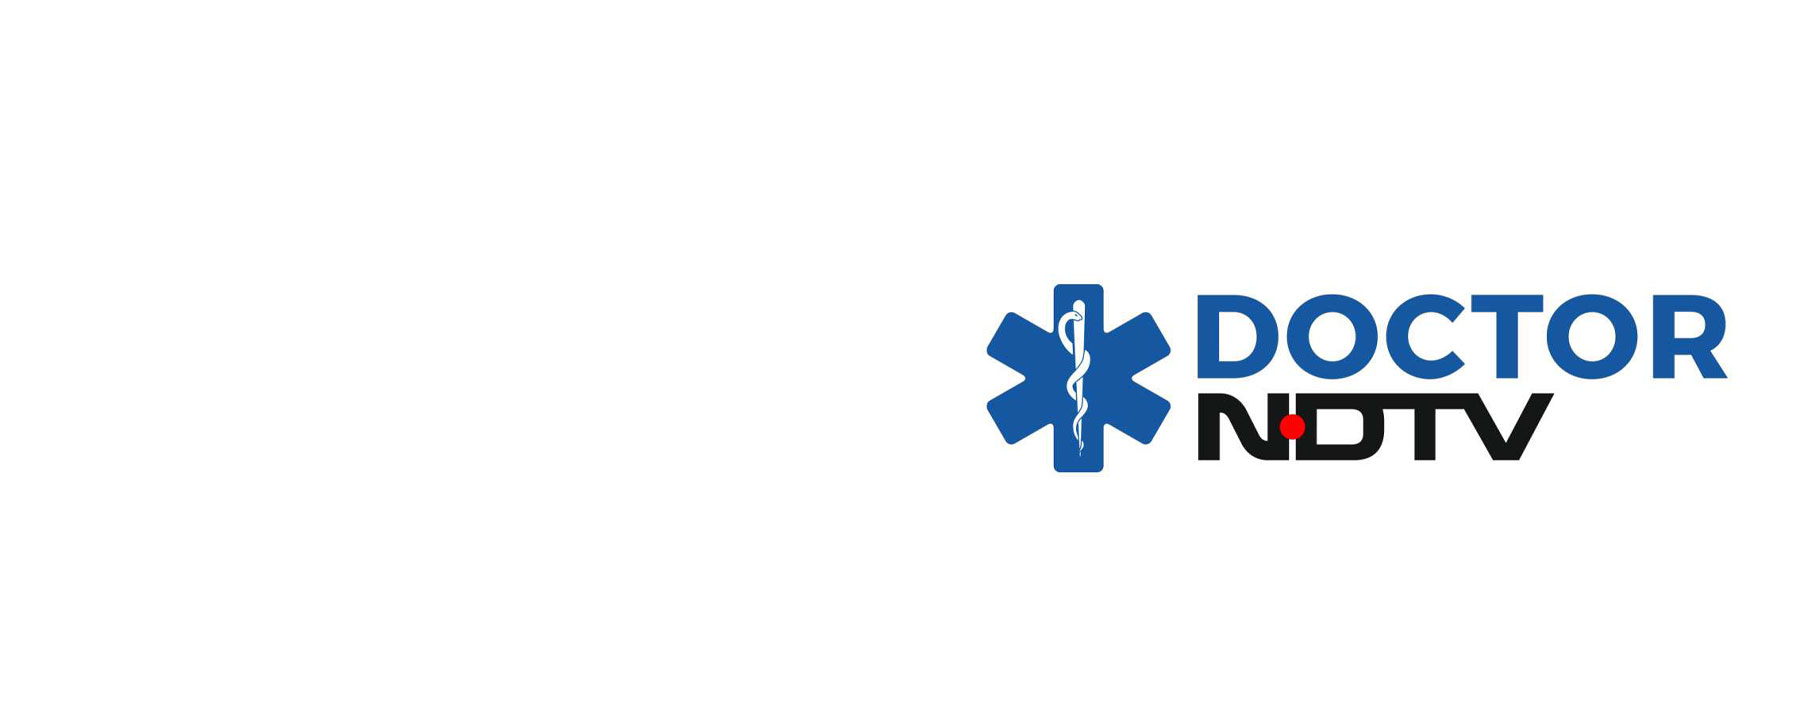 Doctor NDTV